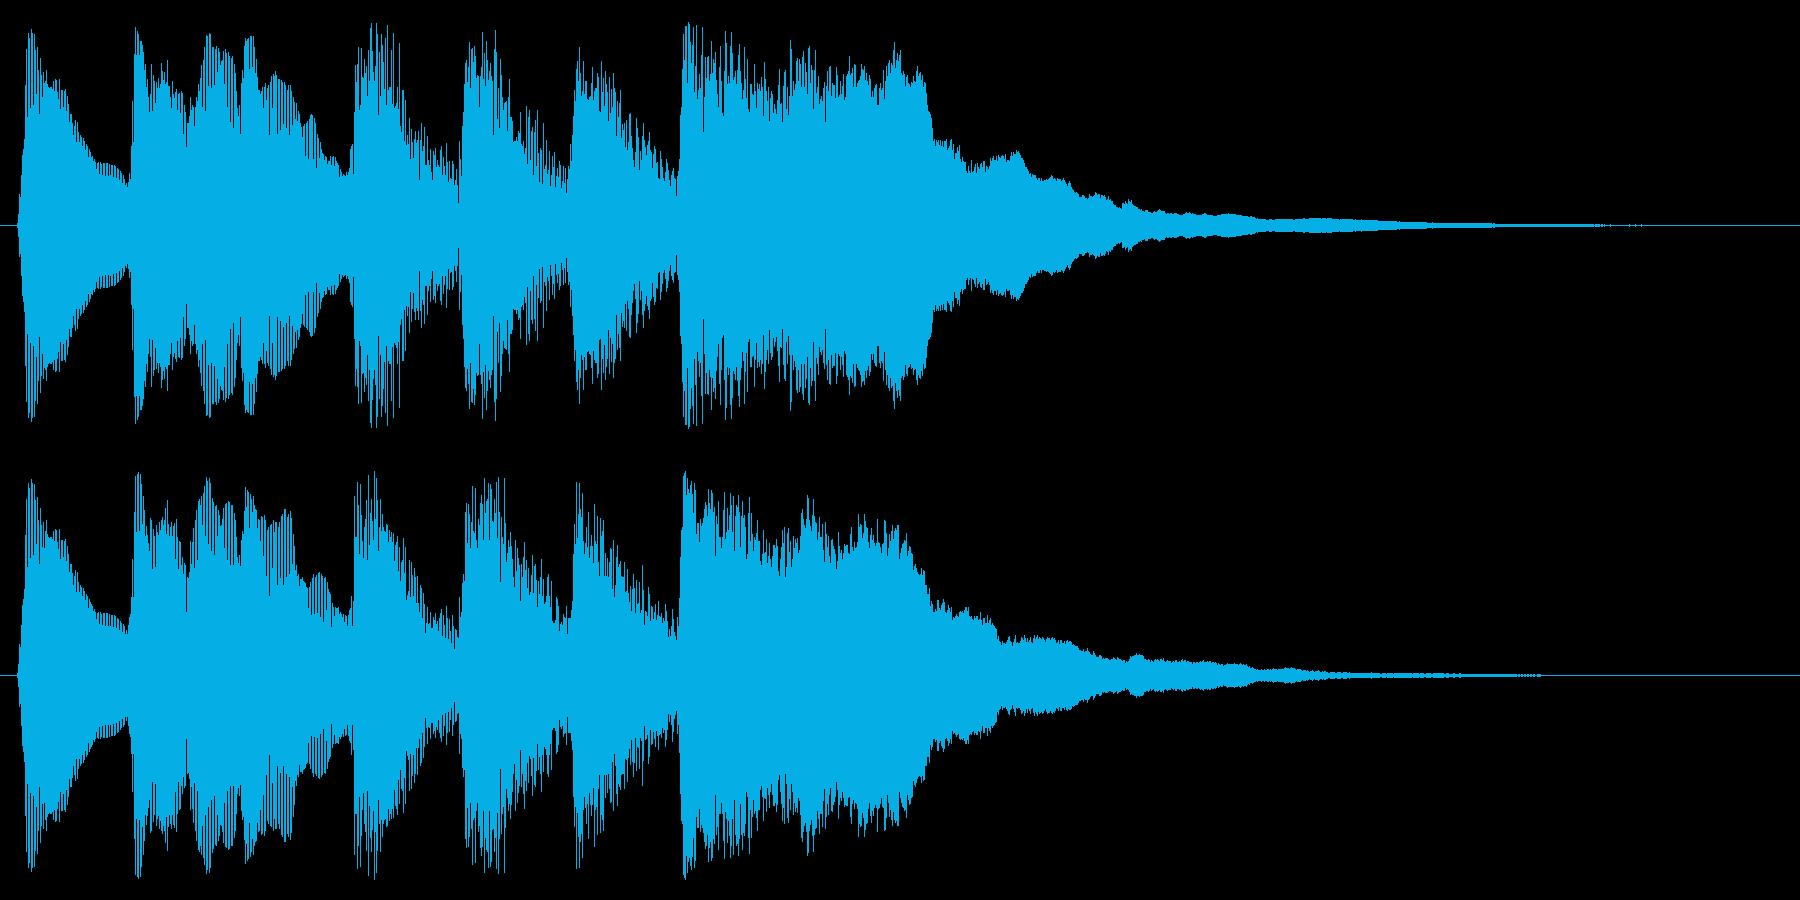 ファンファーレ 勝利 ゲームクリア 栄光の再生済みの波形